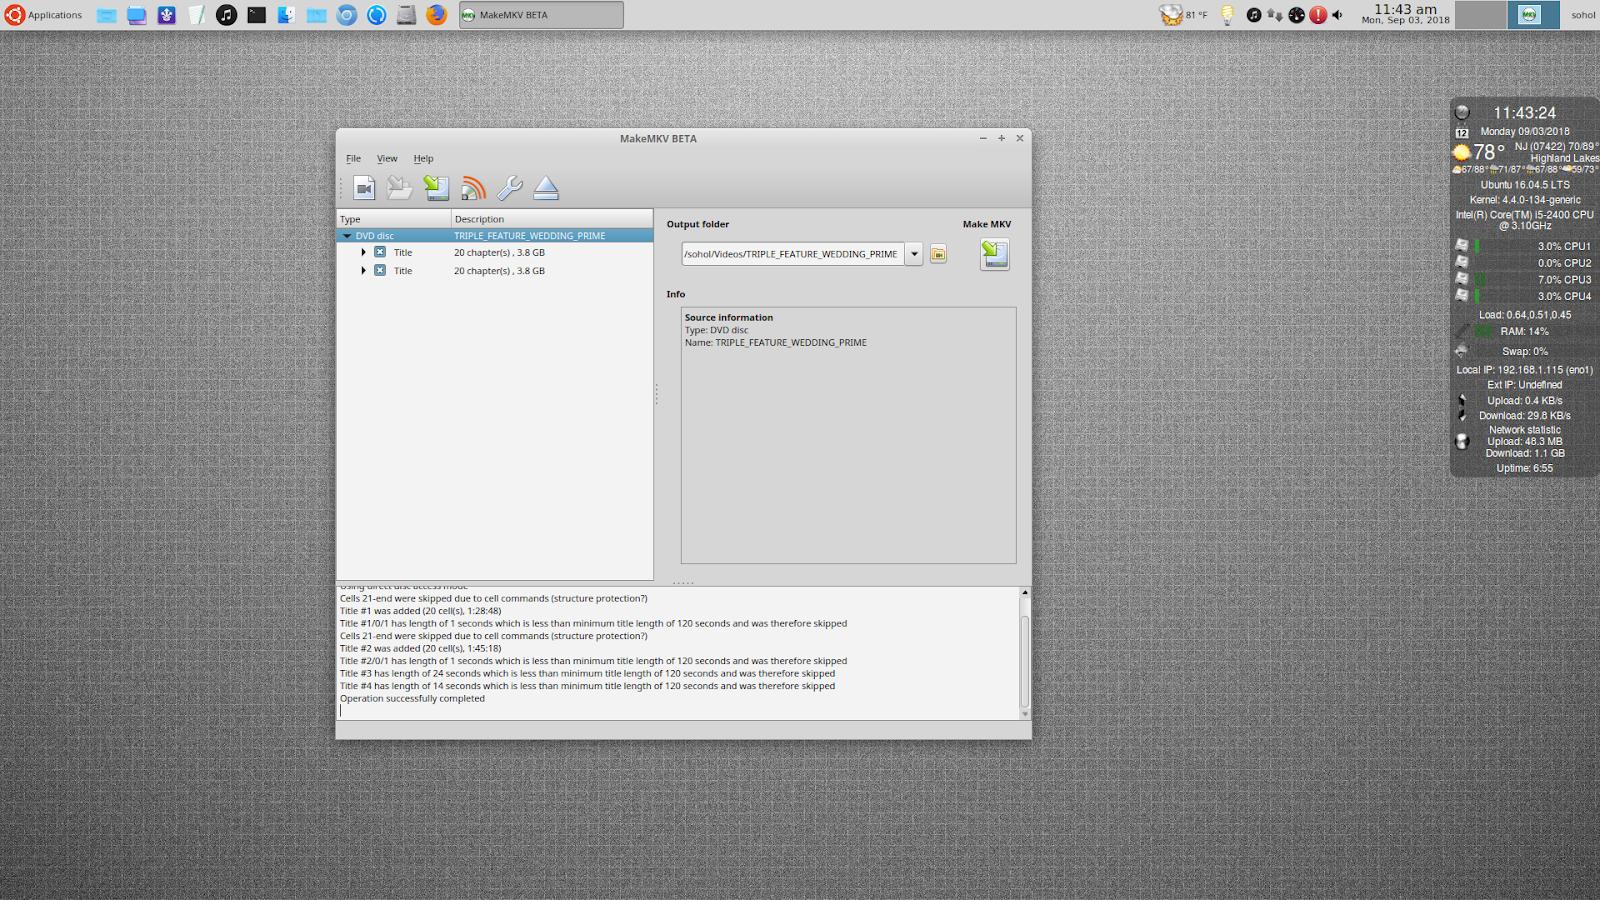 jfn linux project: Install MakeMKV Beta in Ubuntu to Rip DVD